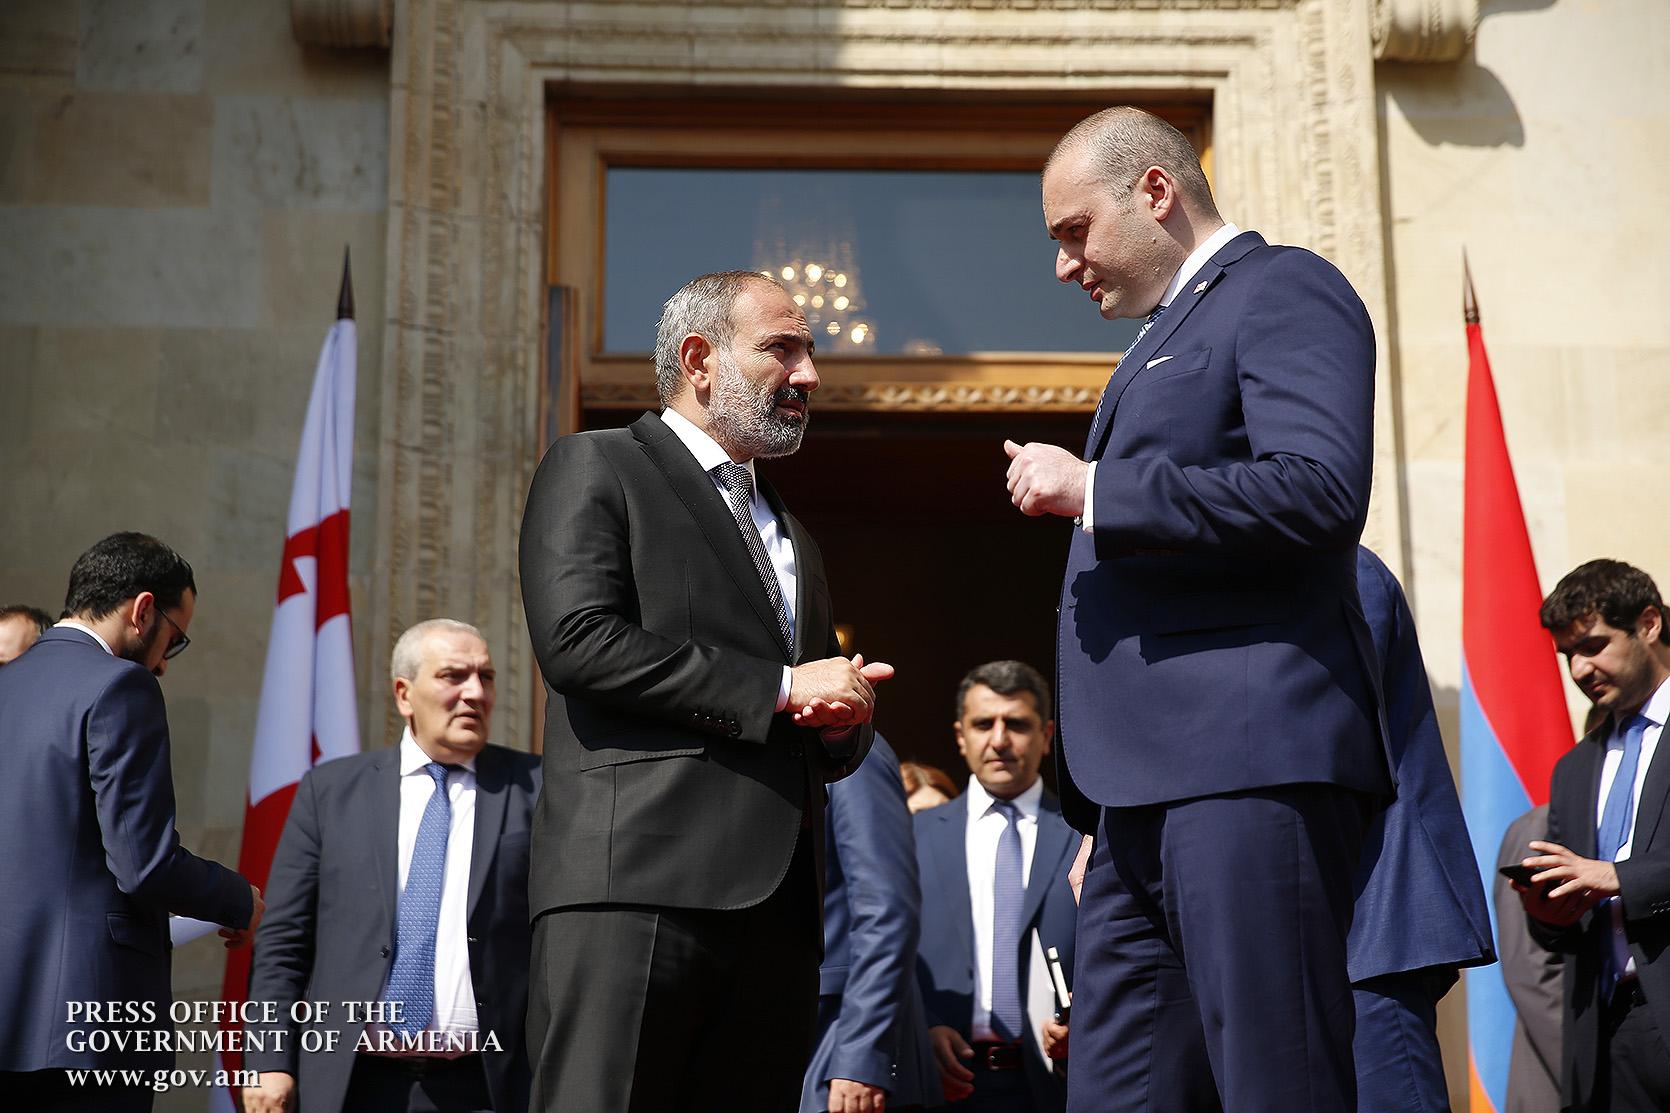 1 մլրդ դոլար. Հայաստանն ու Վրաստանը պայմանավորվել են կտրուկ ընդլայնել առևտրաշրջանառությունը